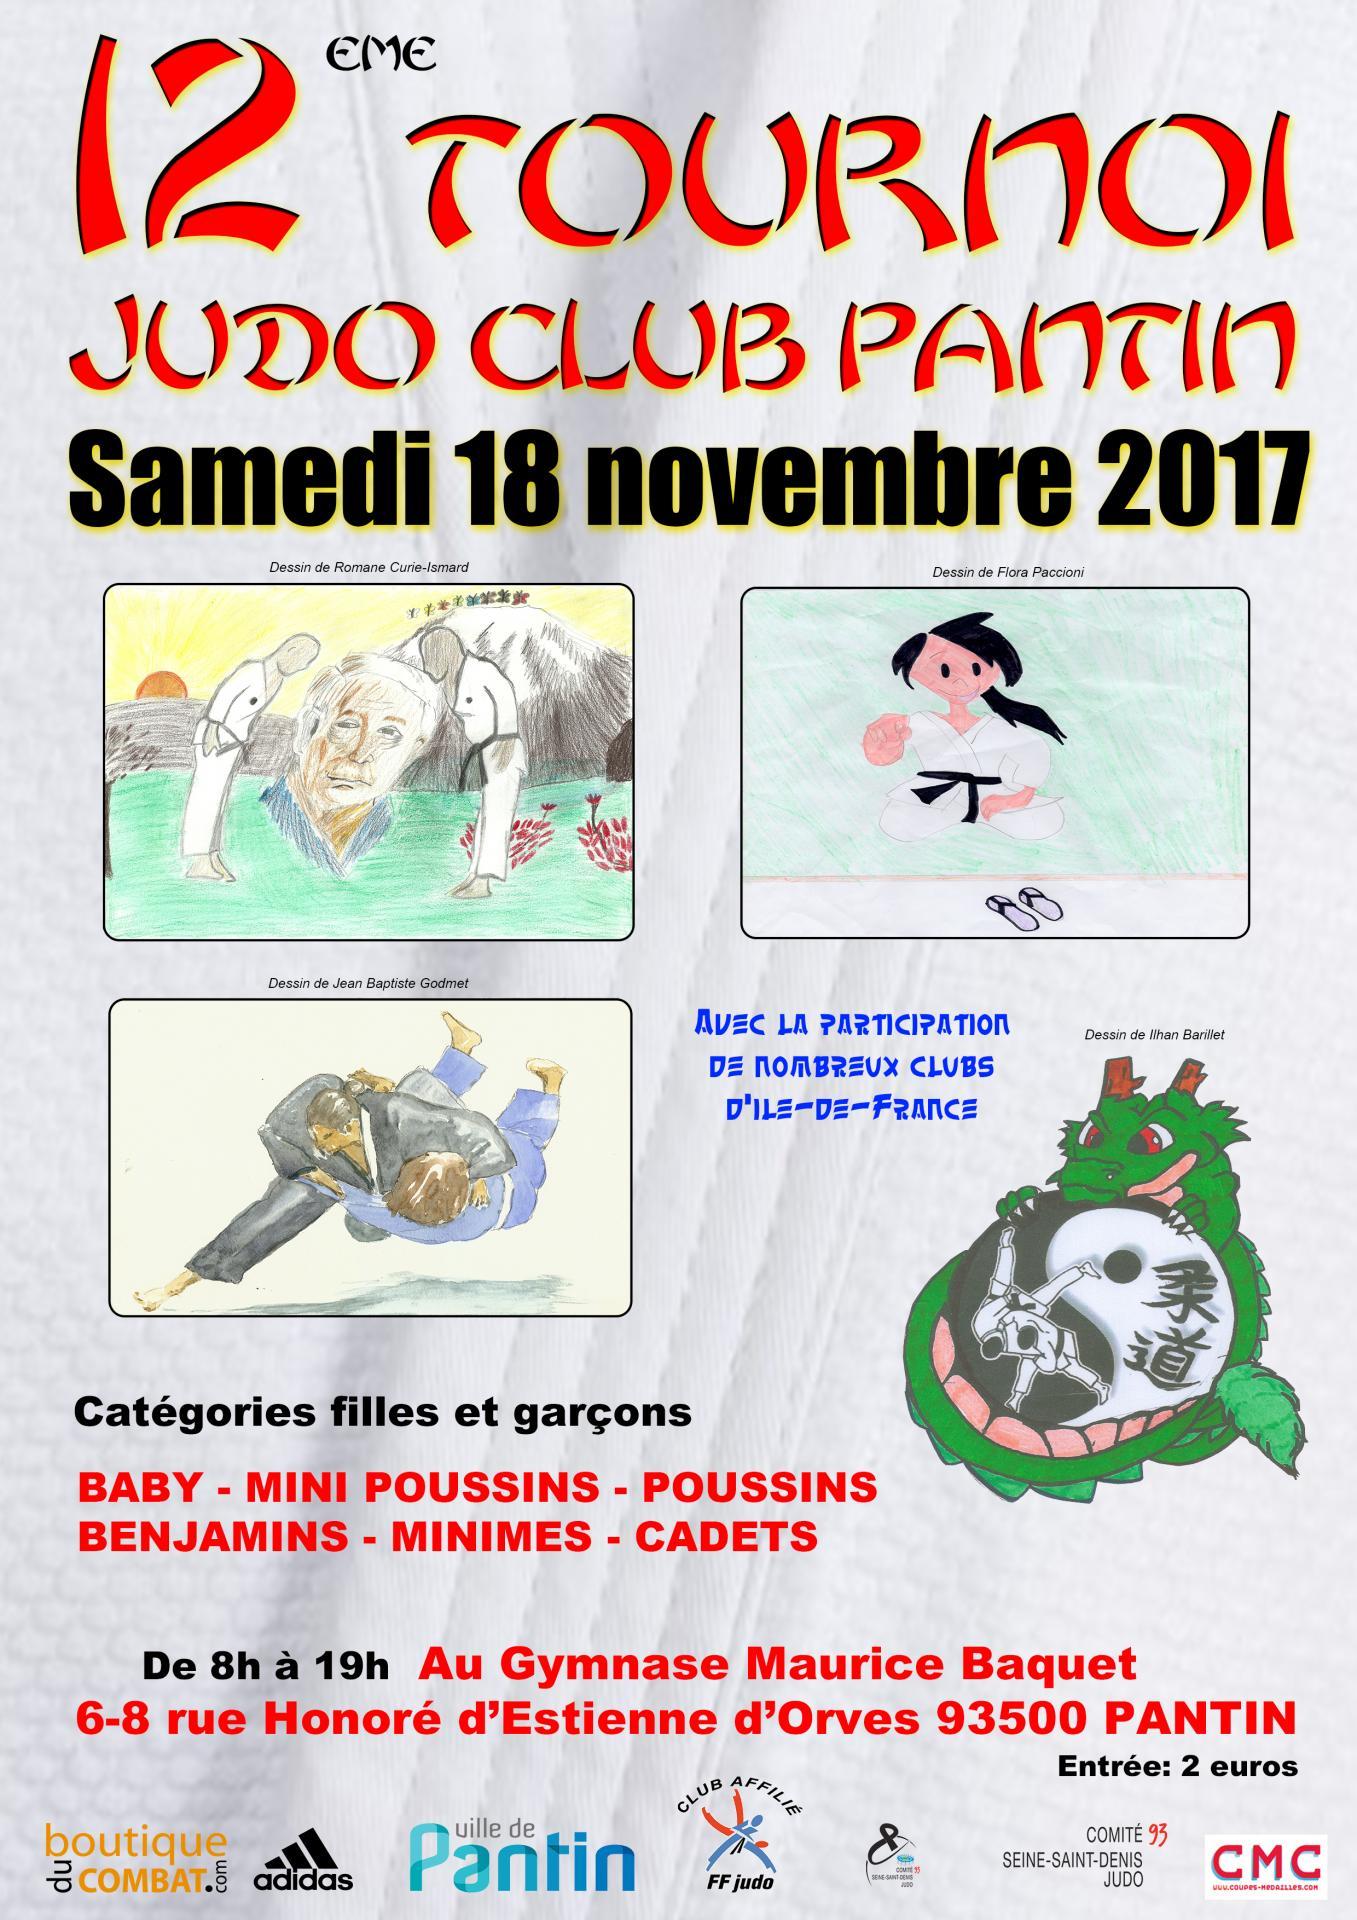 12 eme tournoi a4 2017 judo club pantin